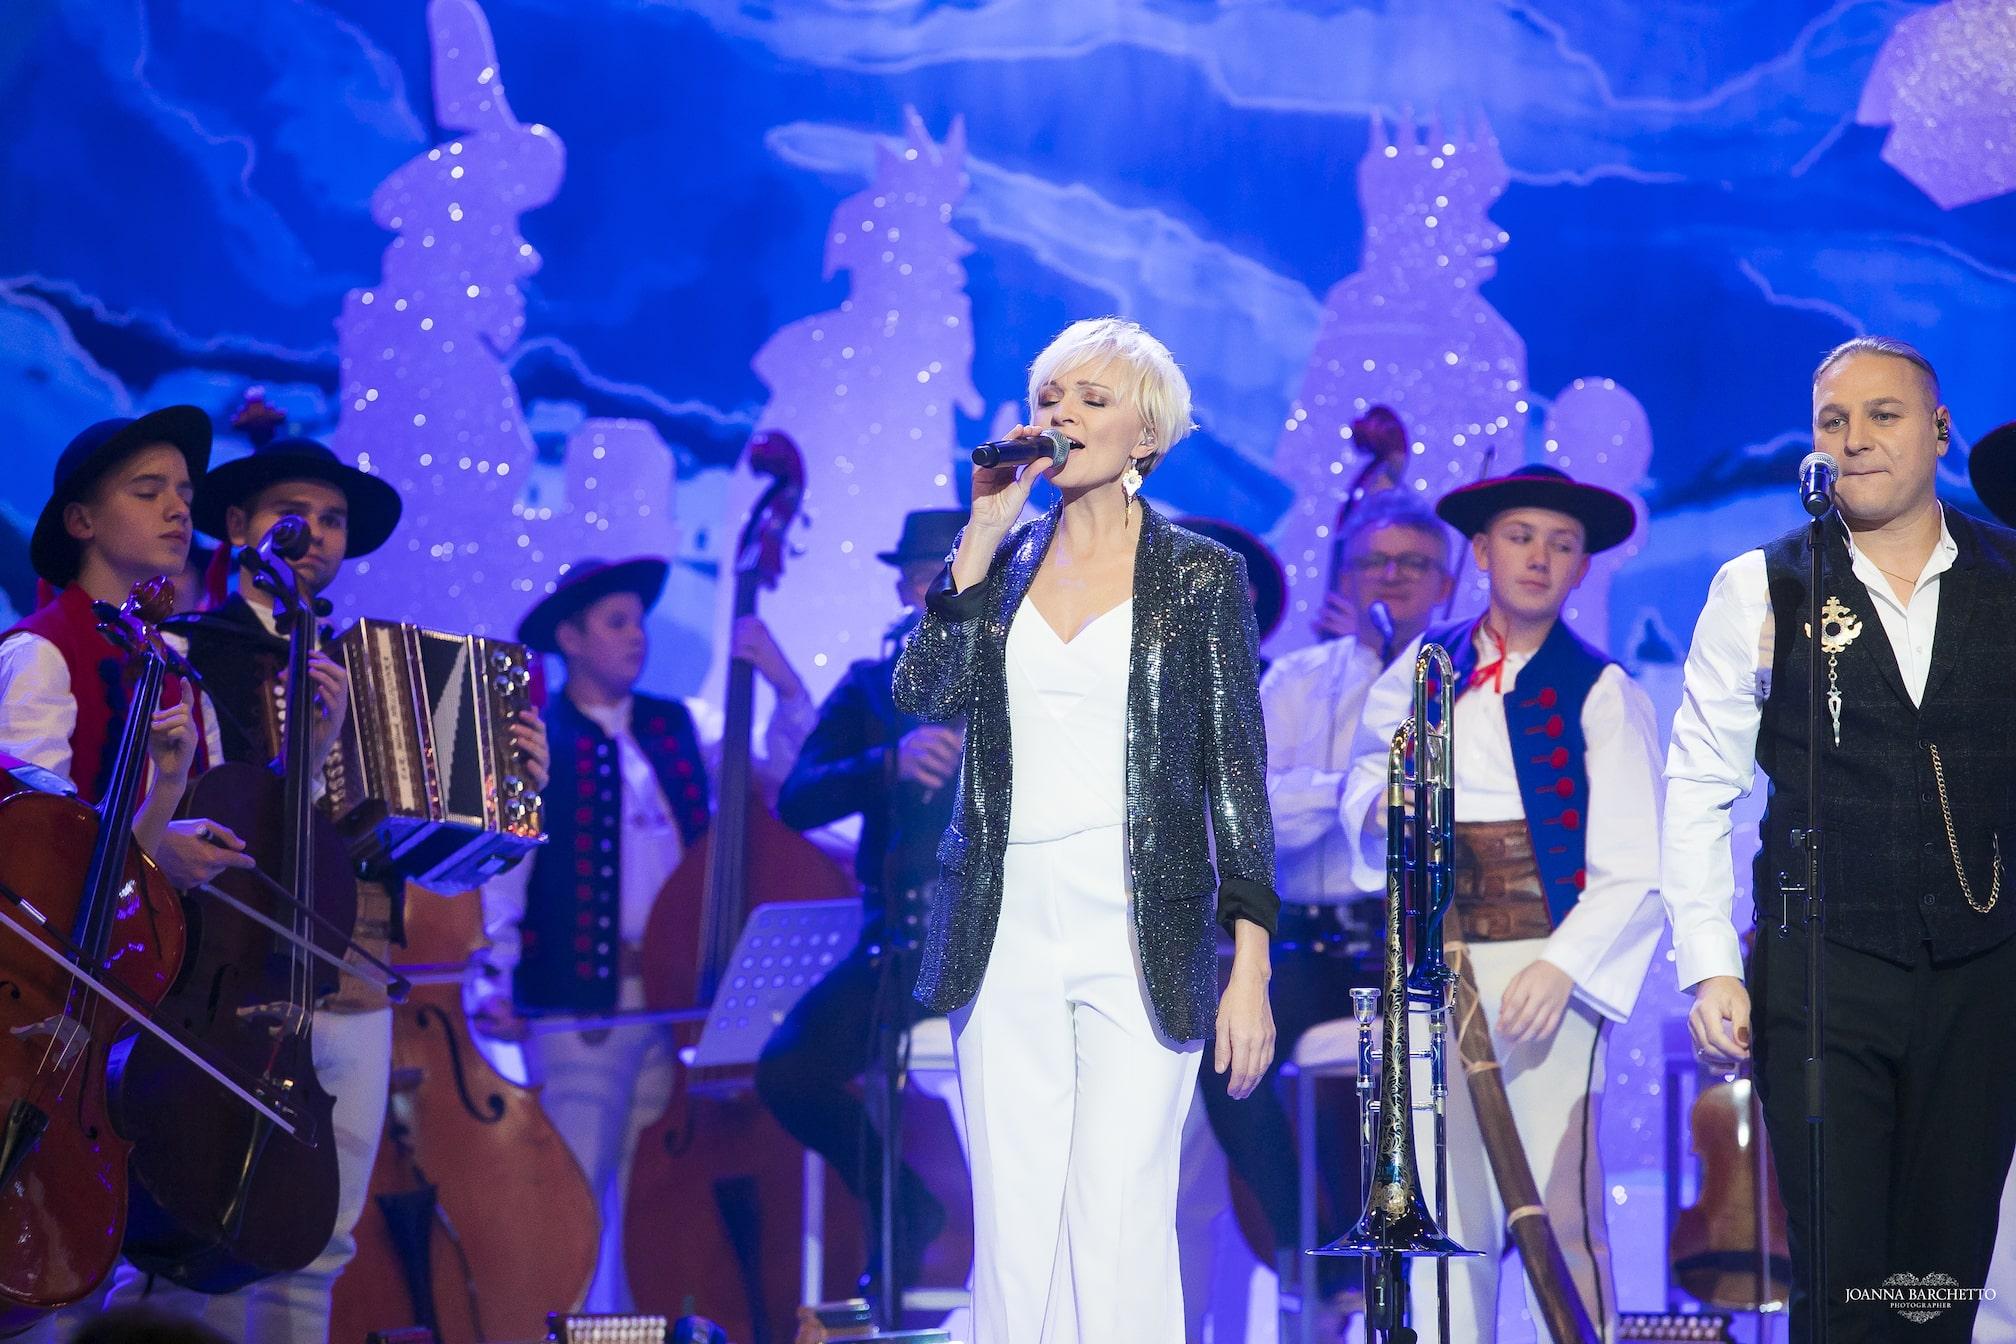 Video Golec Uorkiestra Oficjalna Strona Zespołu Golec Uorkiestra